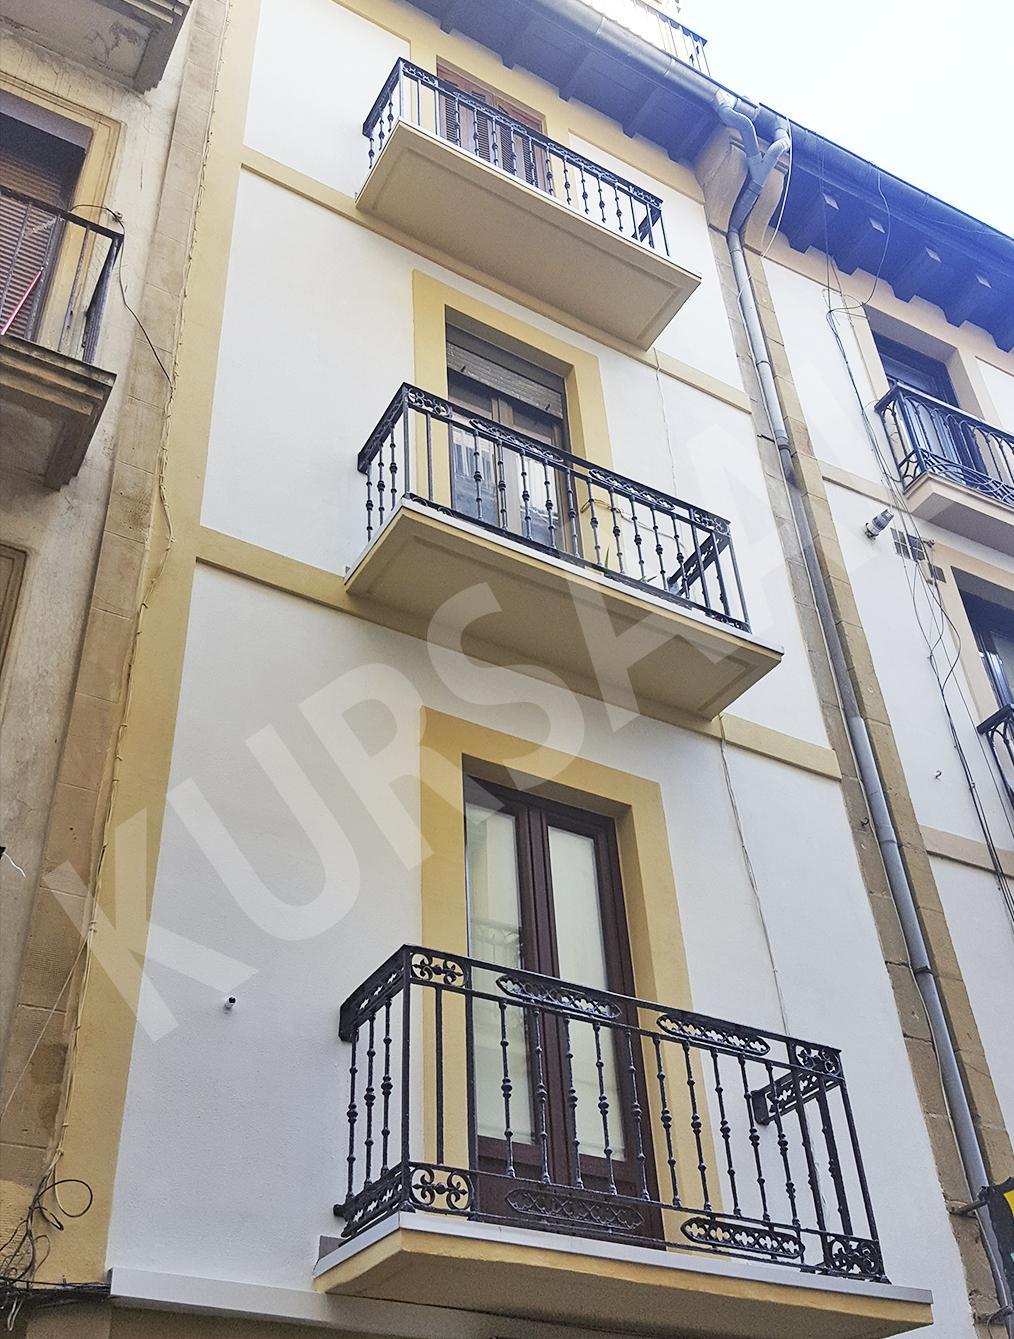 foto 2 - Restauración y patrimonio-Juan de Bilbao 4-DONOSTIA